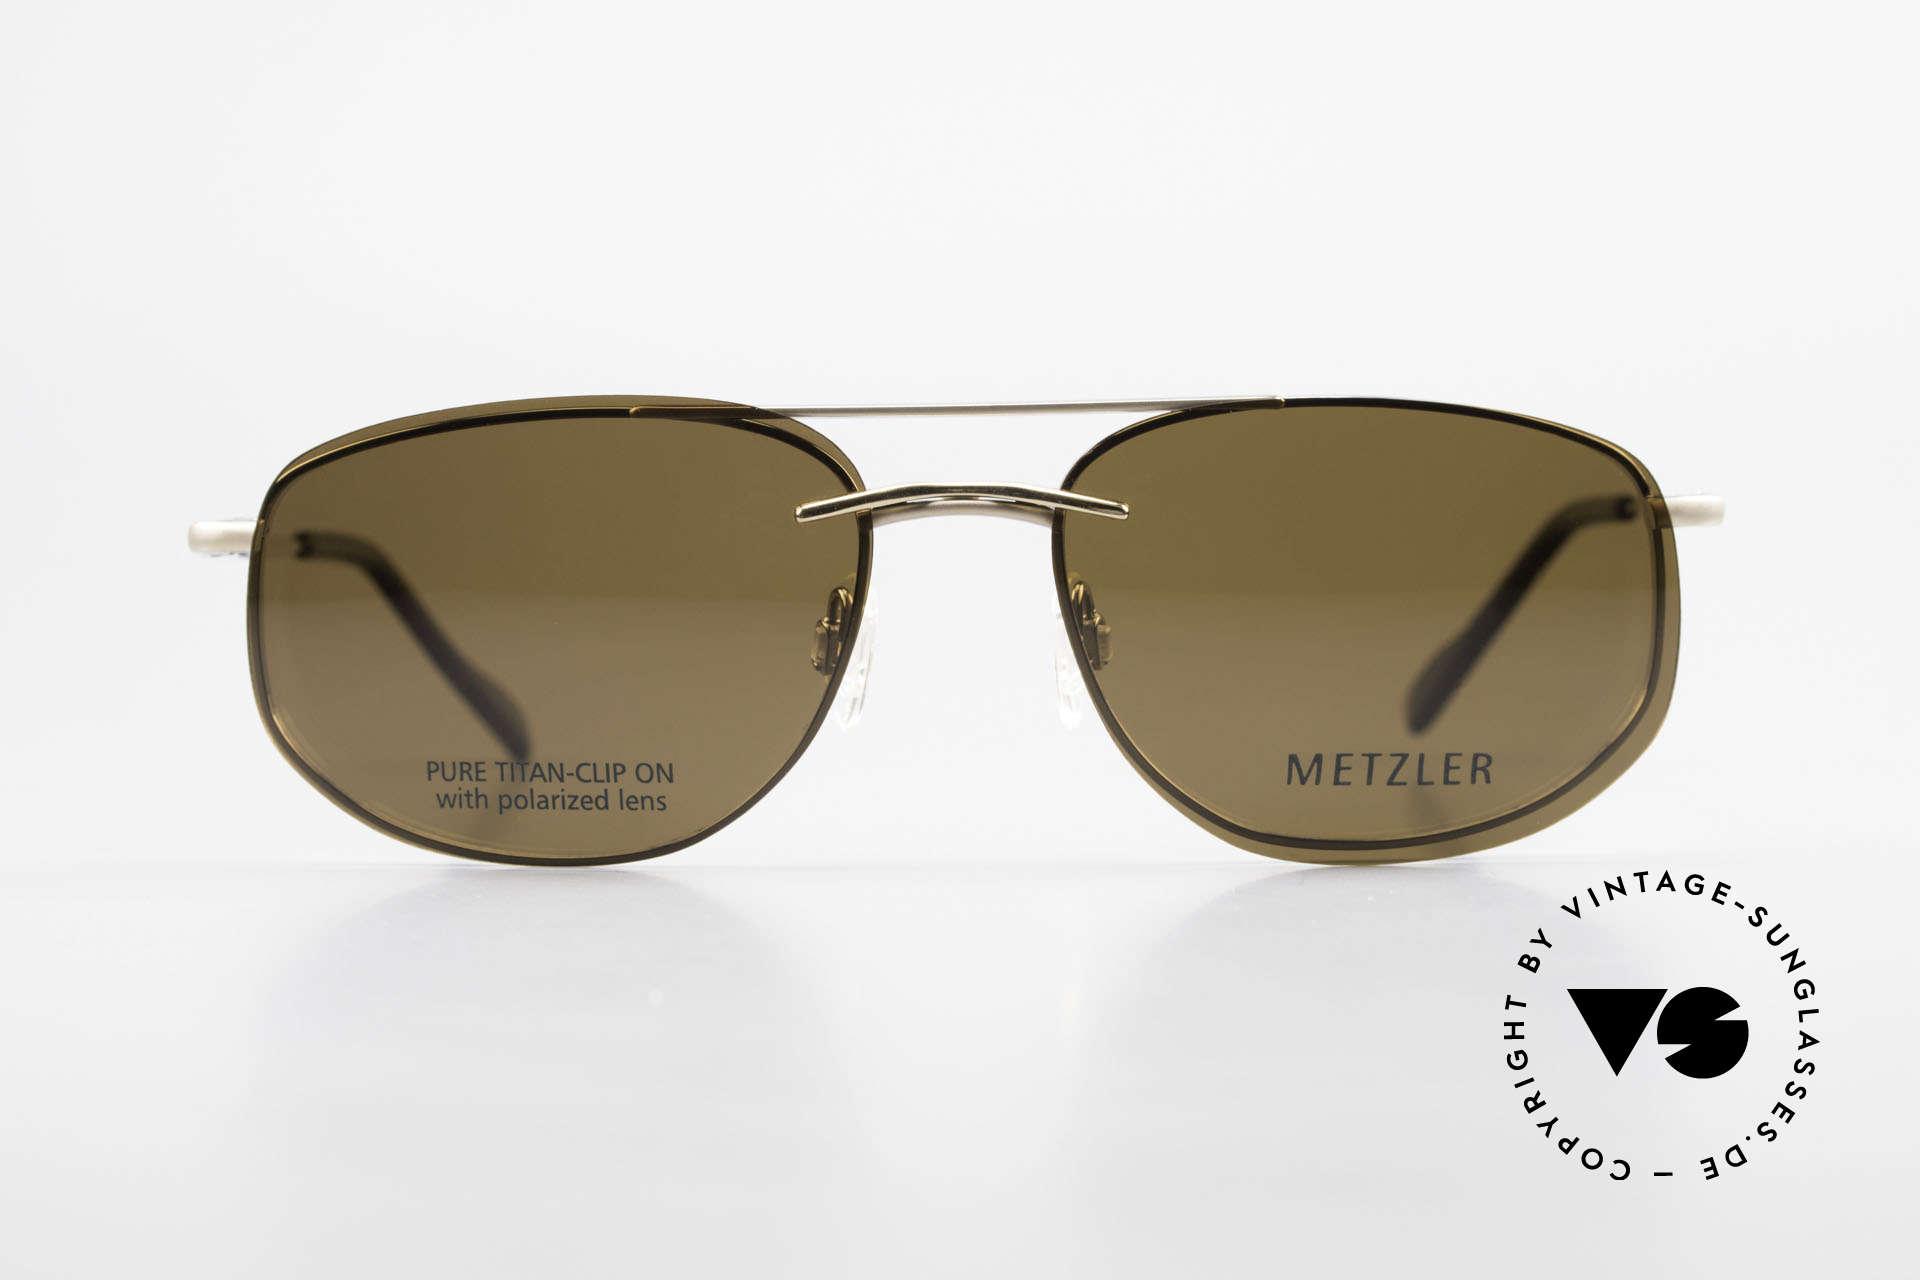 Metzler 1715 Titanbrille 90er Polarisierend, sehr leichter Rahmen mit flexiblen Federscharnieren, Passend für Herren